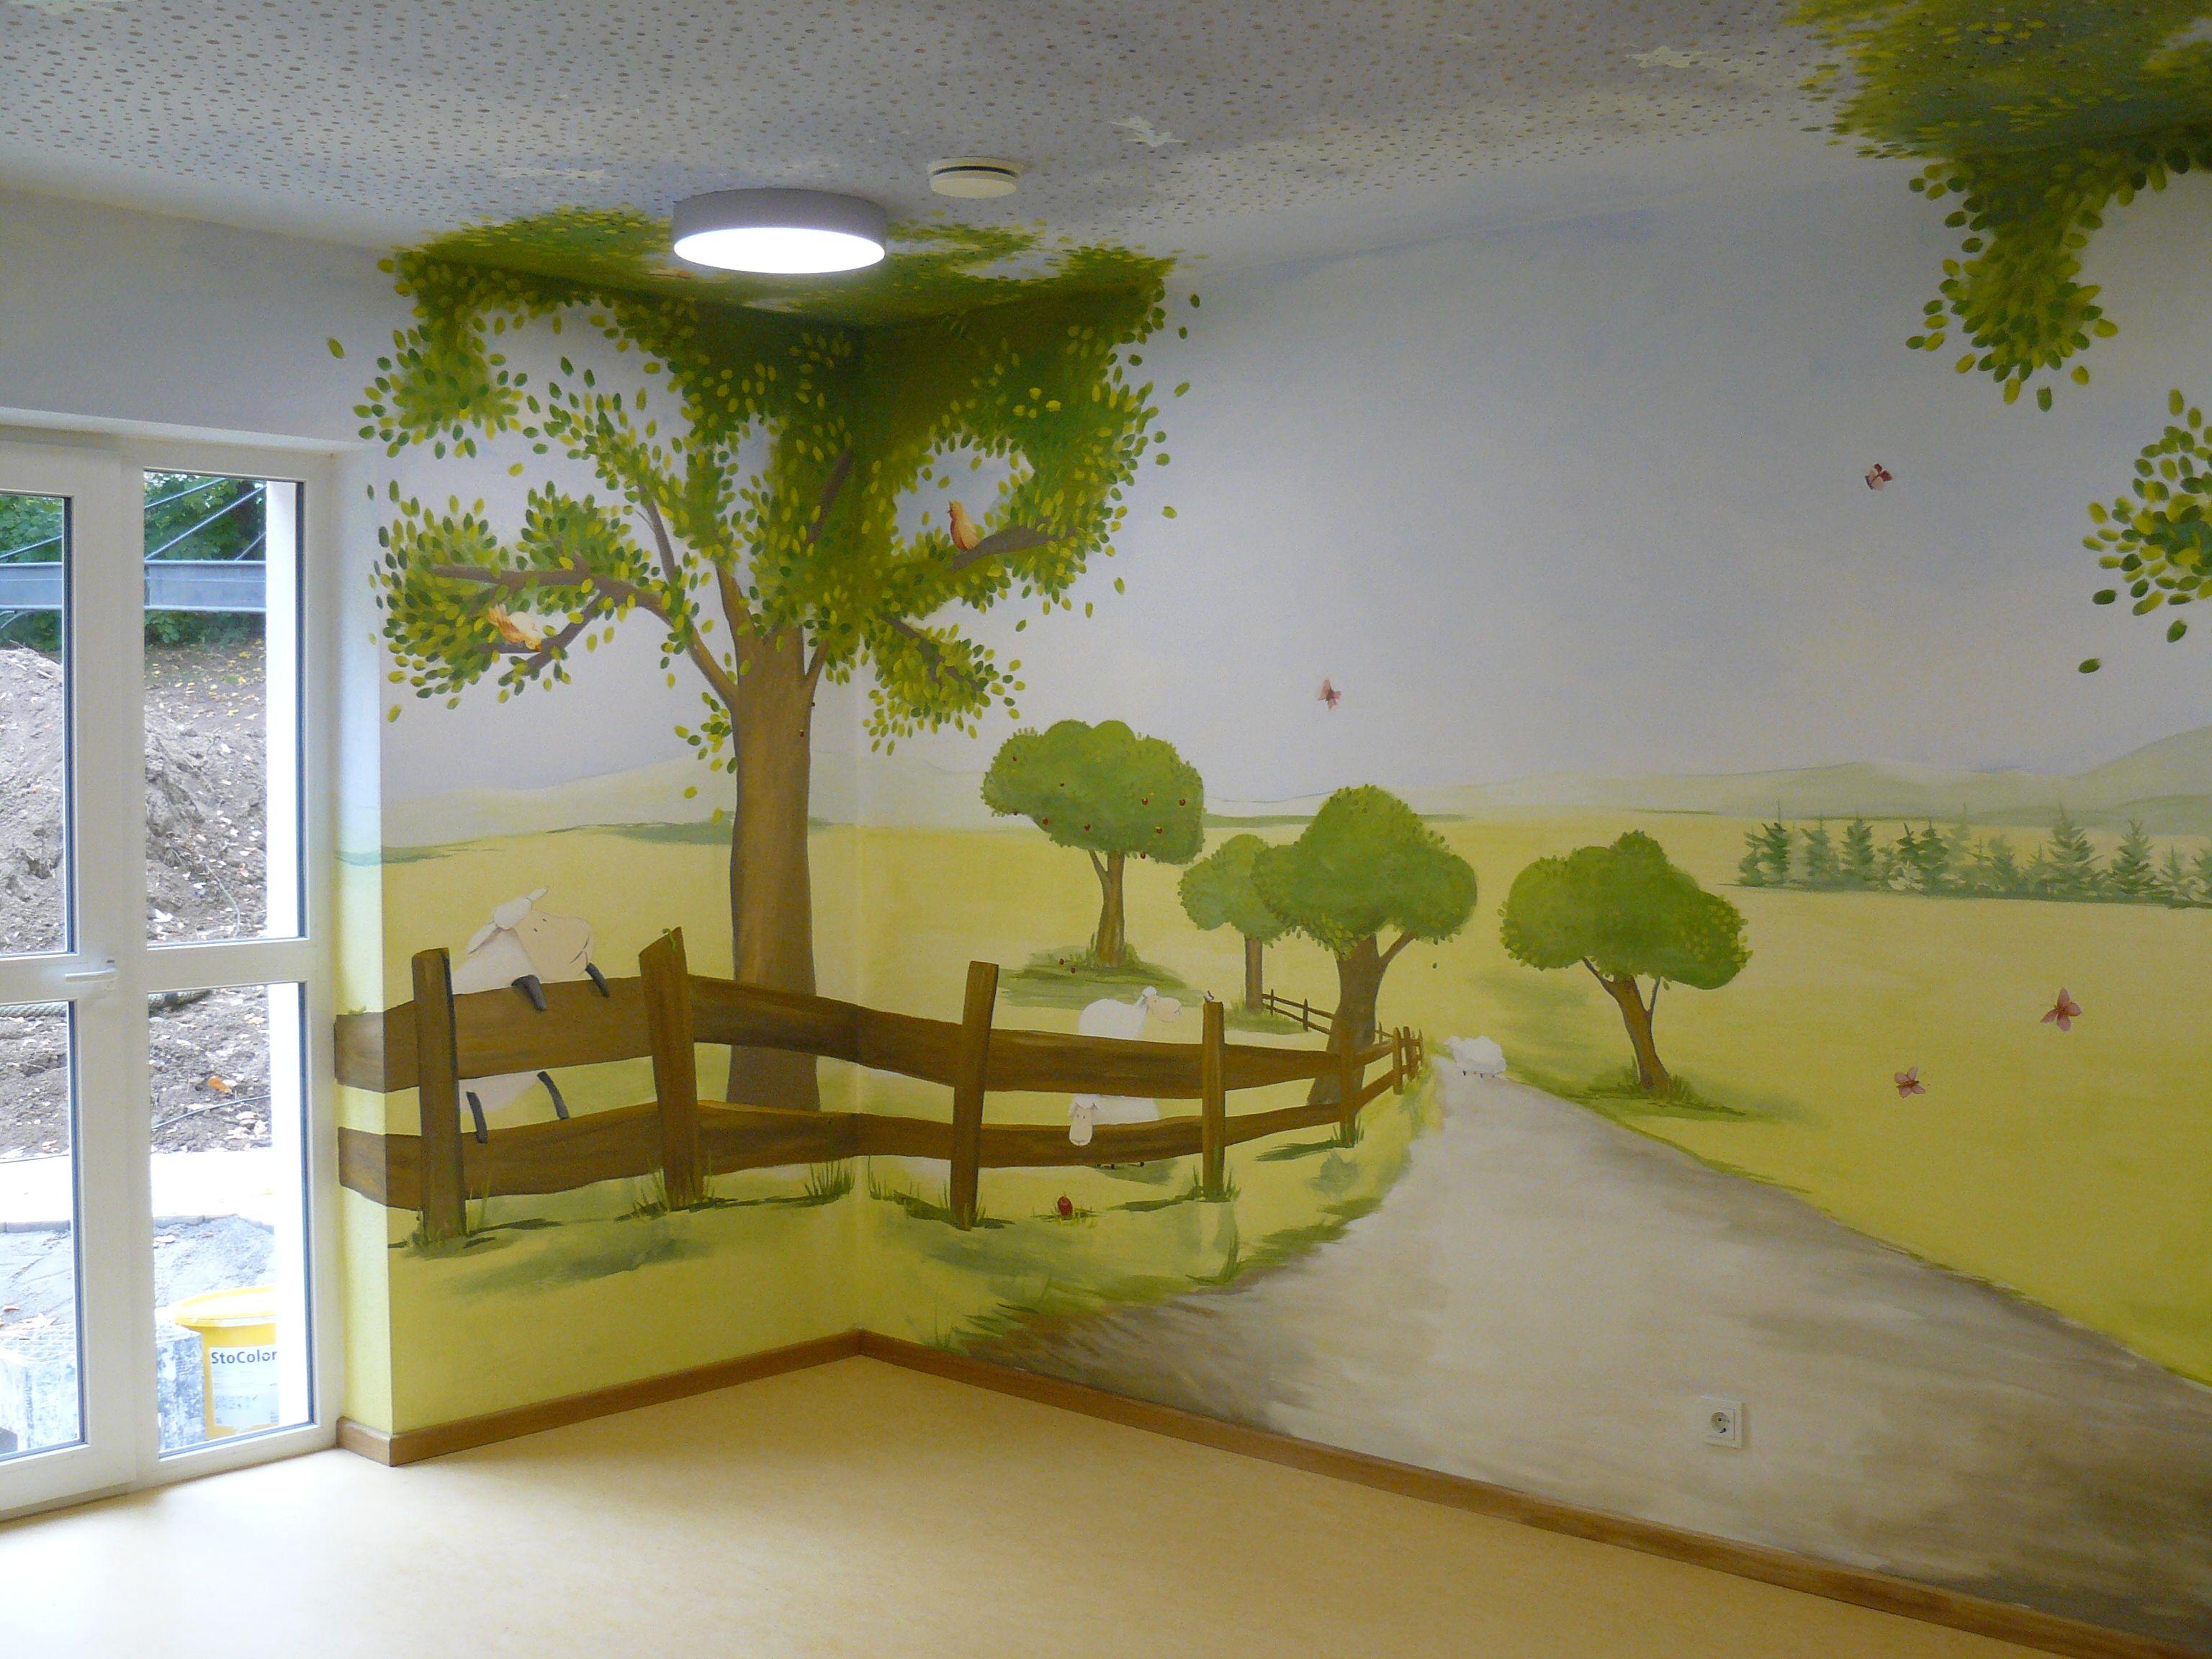 Bilder Aufhngen Kinderzimmer Malerei